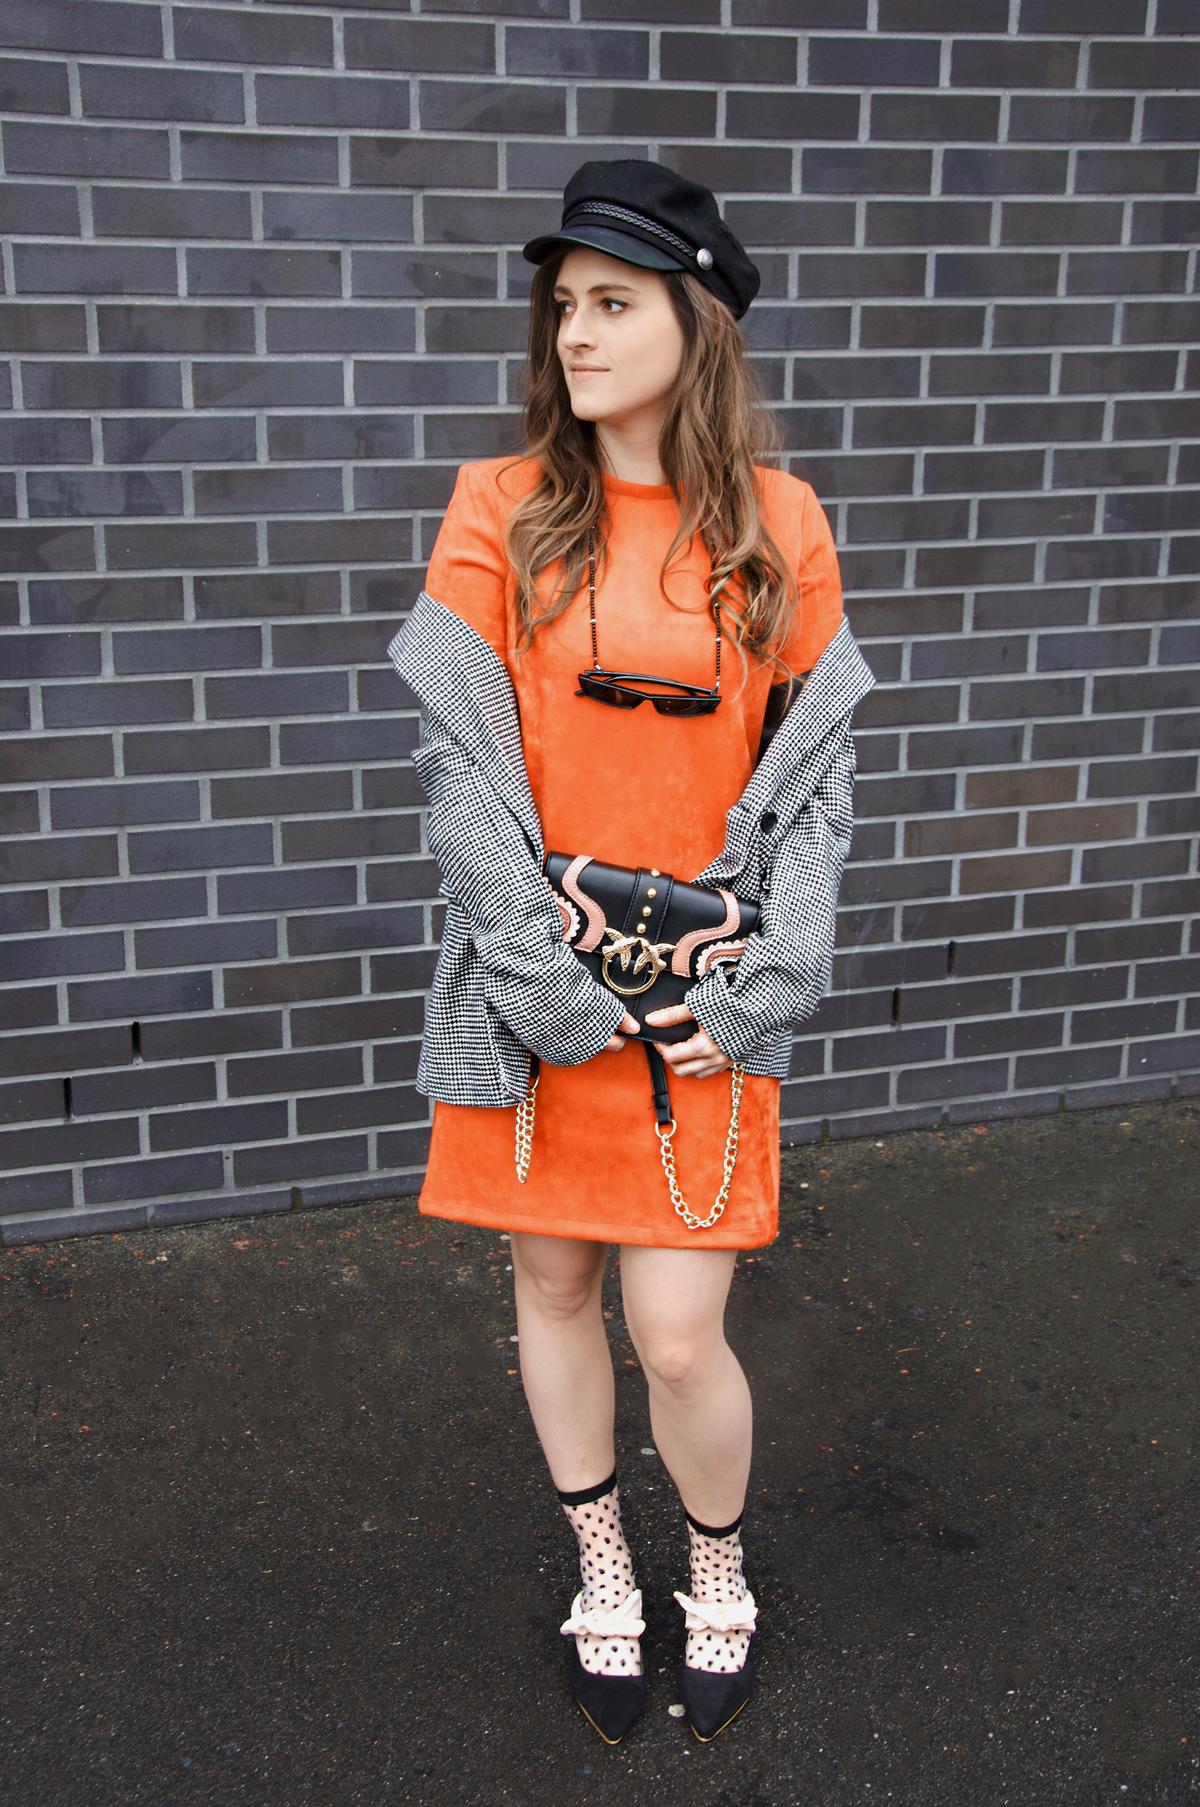 Andrea Steiner Mode Bloggerin von Strawberries 'n' Champagne aus der Schweiz trägt ein oranges Kleid mit einem Blazer.